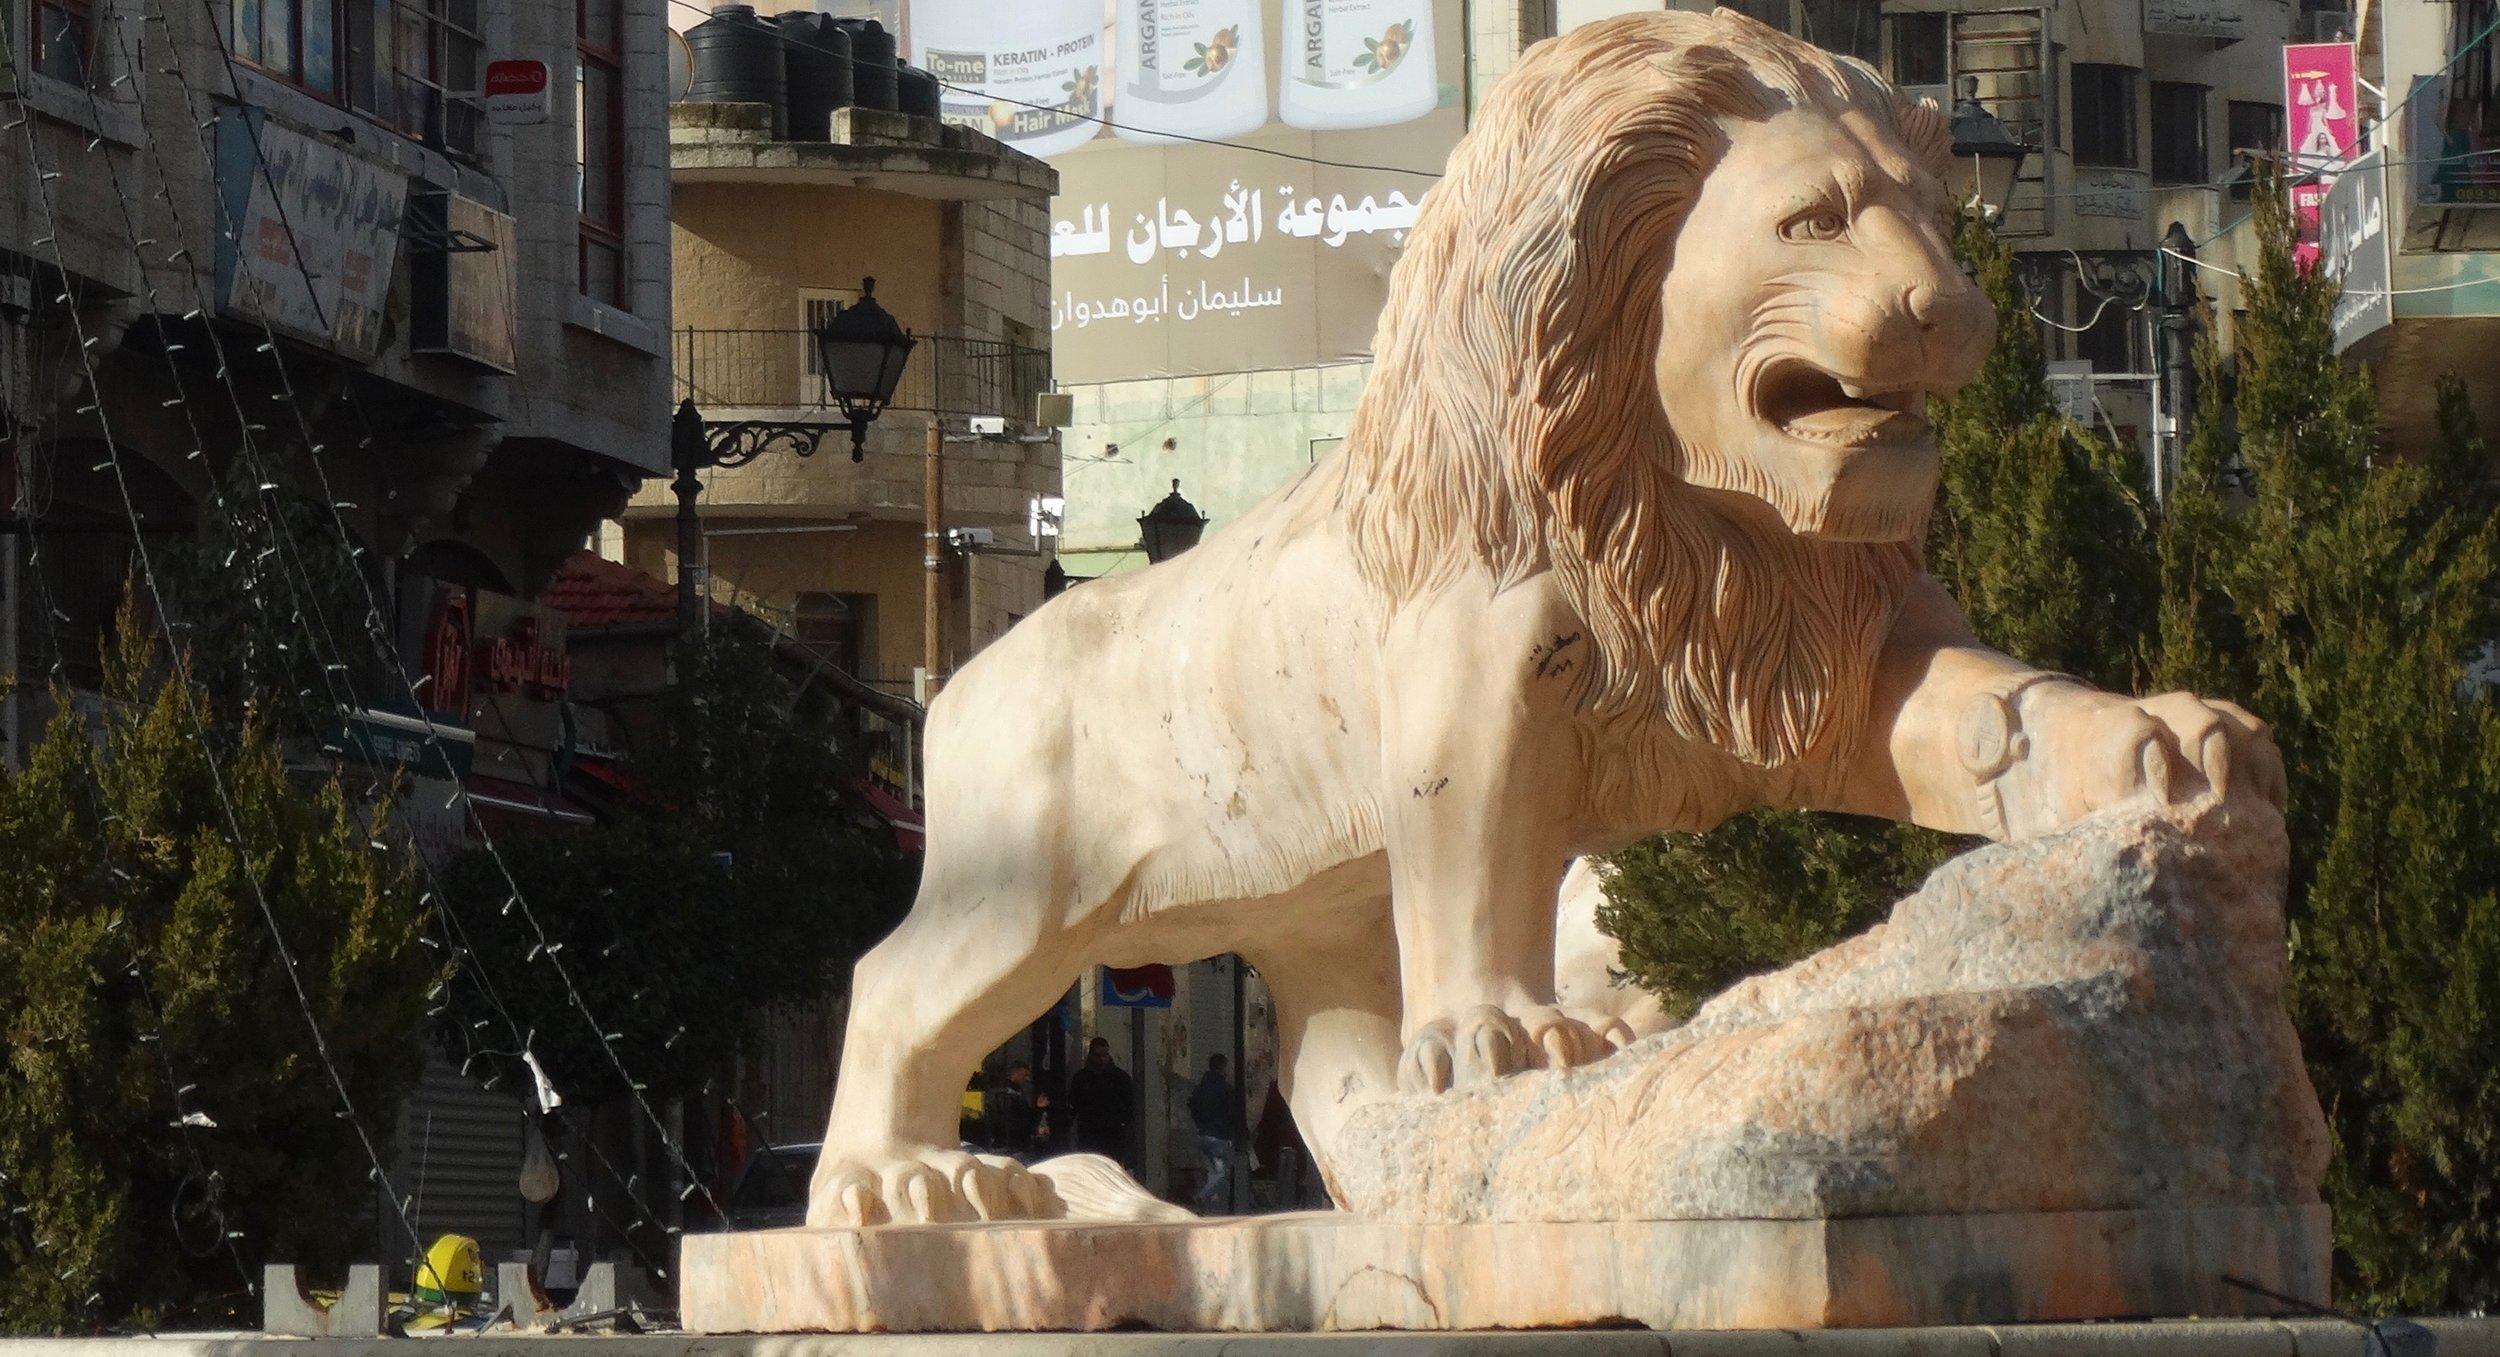 Al-Manara Square, Ramallah